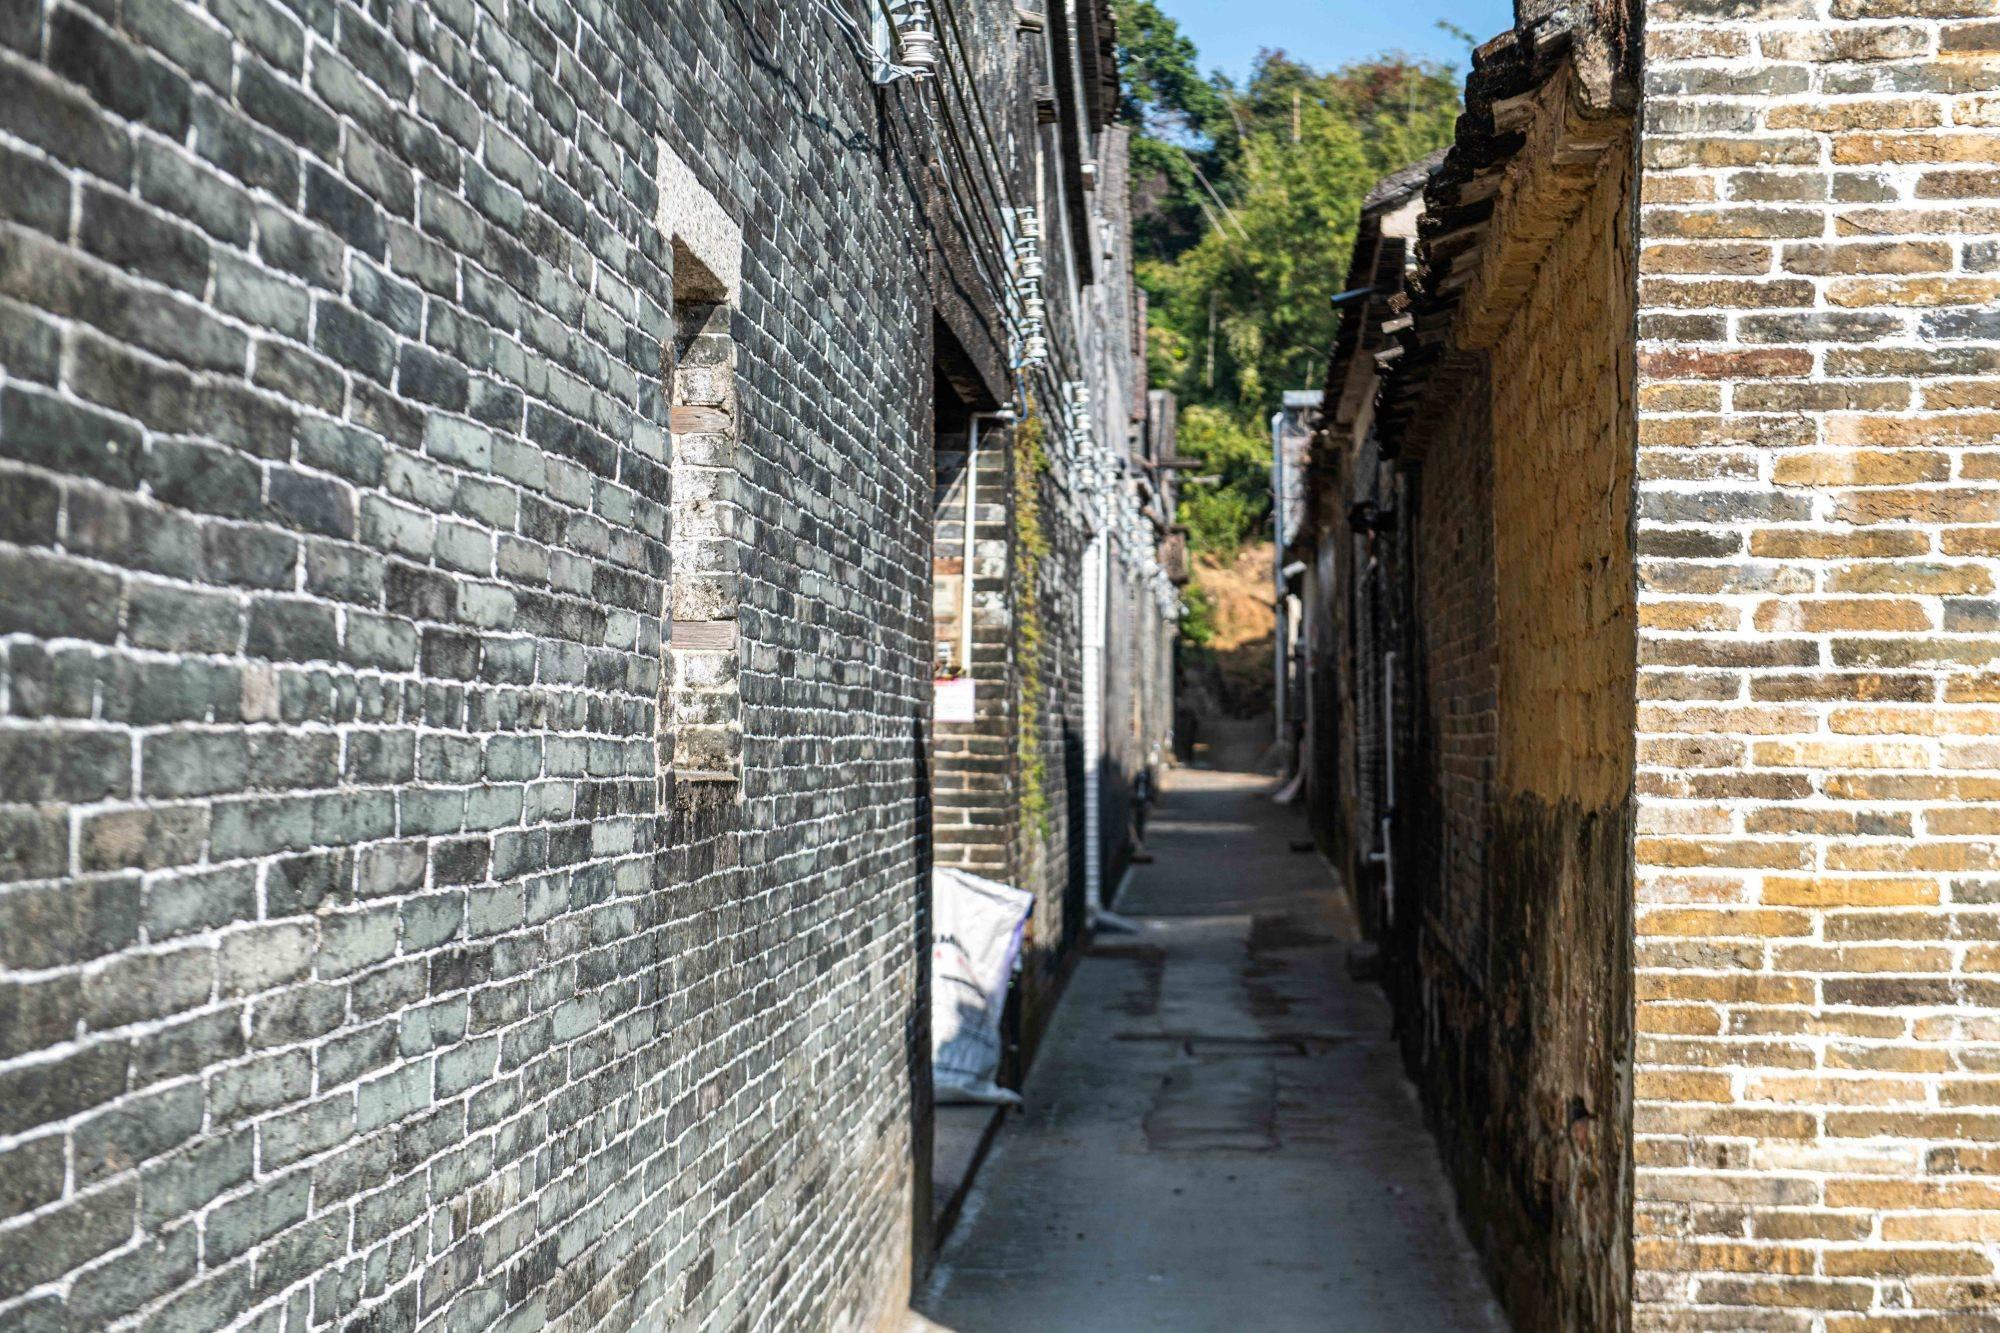 我国超美的村庄,大宋皇族的后裔生活于此,是个超神奇的风水宝地